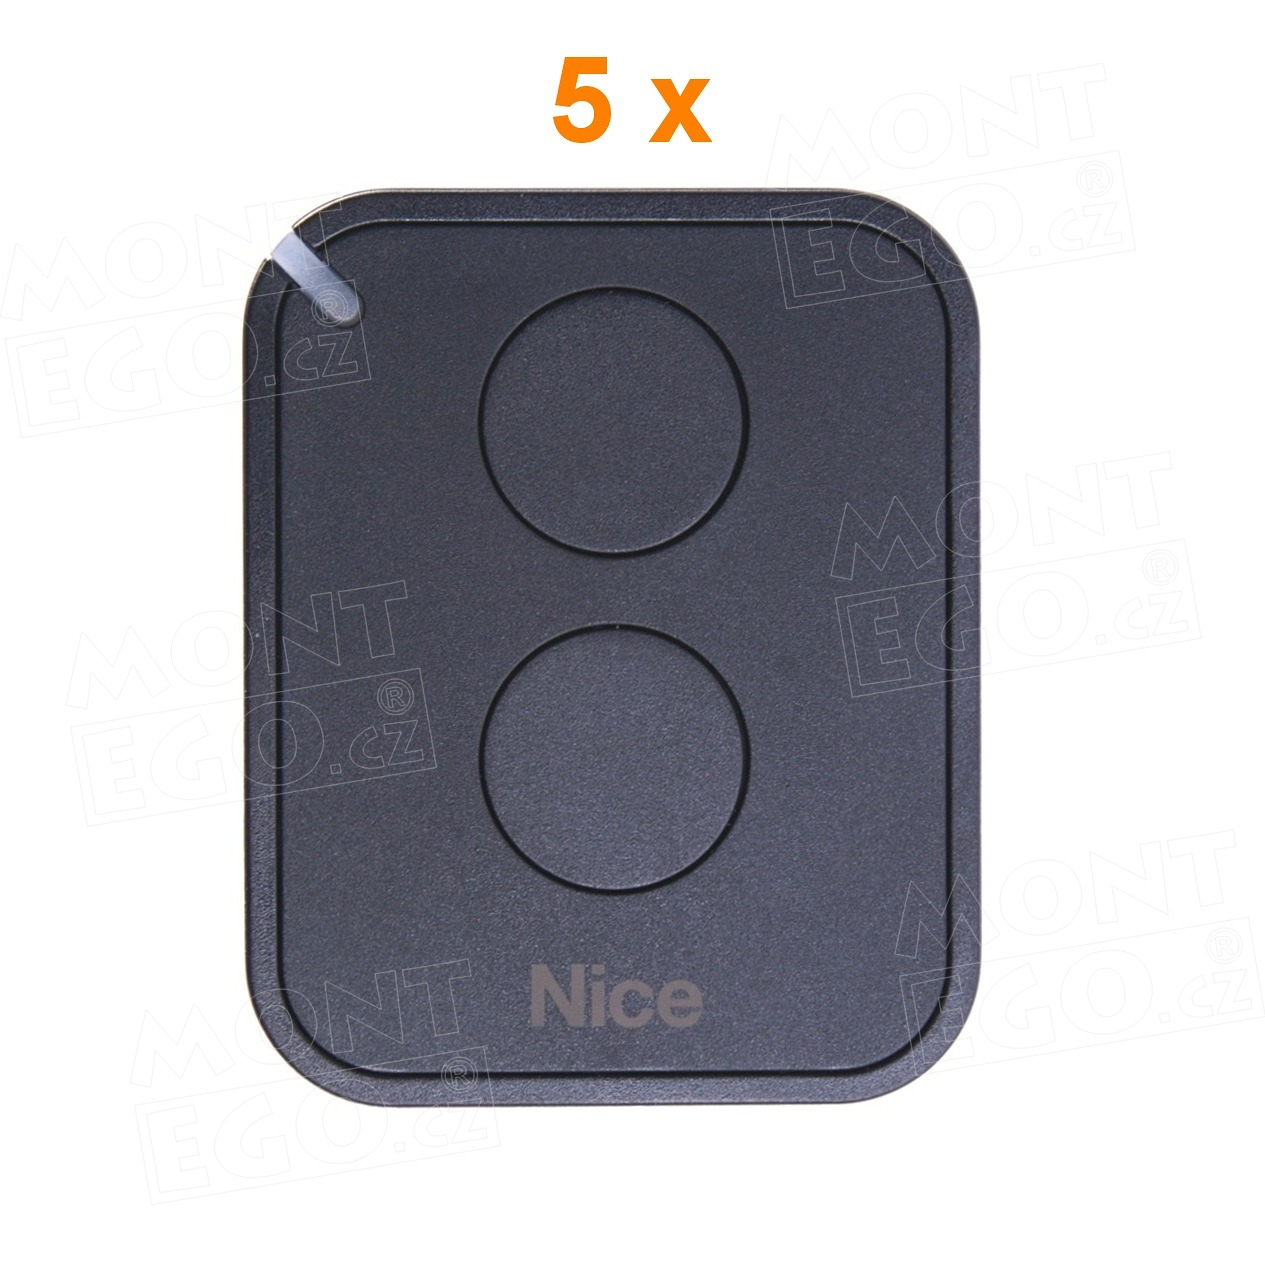 FLO2RE dálkový ovladač dvoutlačítkový na vrata a brány Nice Flo2R-E, náhrada za Nice FLOR-S, sada 5 ks